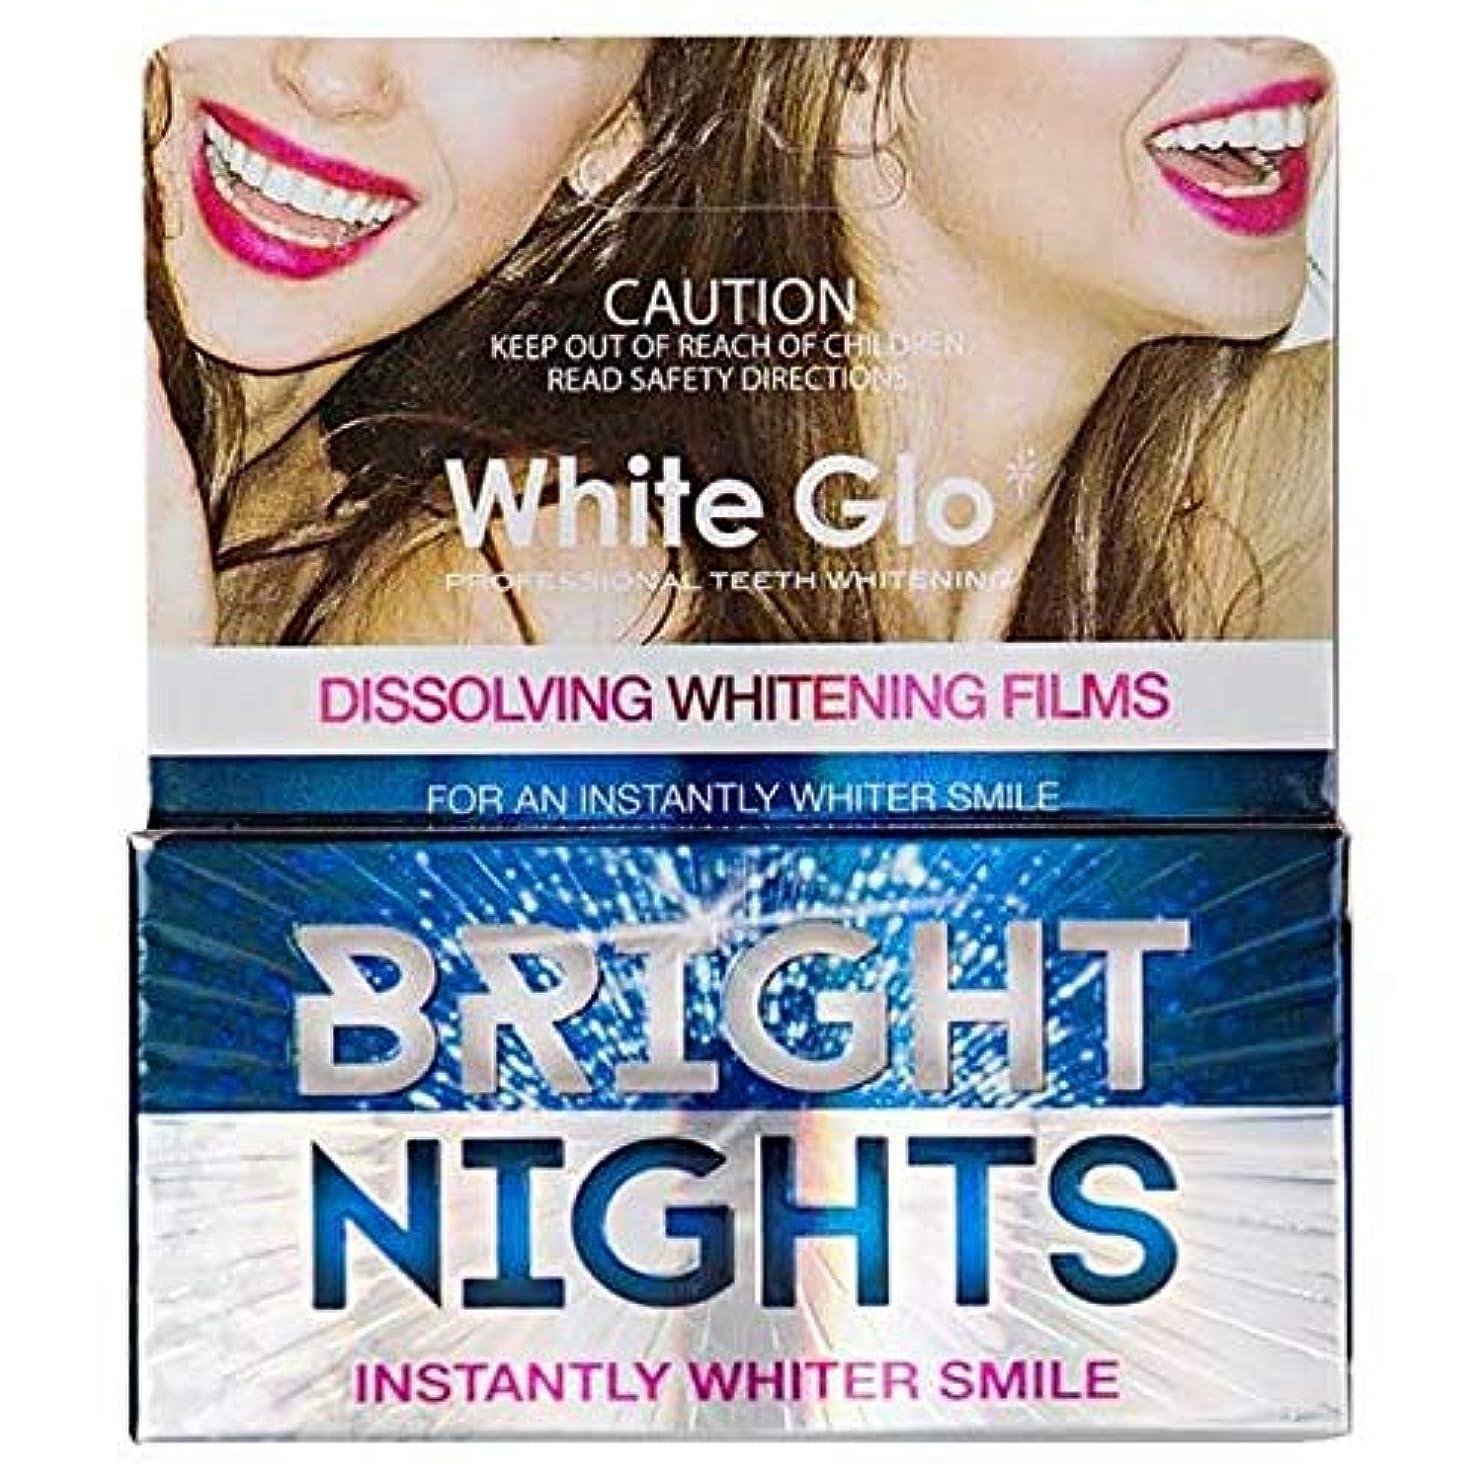 エントリふさわしいシソーラス[White Glo] 白色Glo明るい夜白色フィルム(非過酸化物) - White Glo Bright Nights White Films (Non-Peroxide) [並行輸入品]